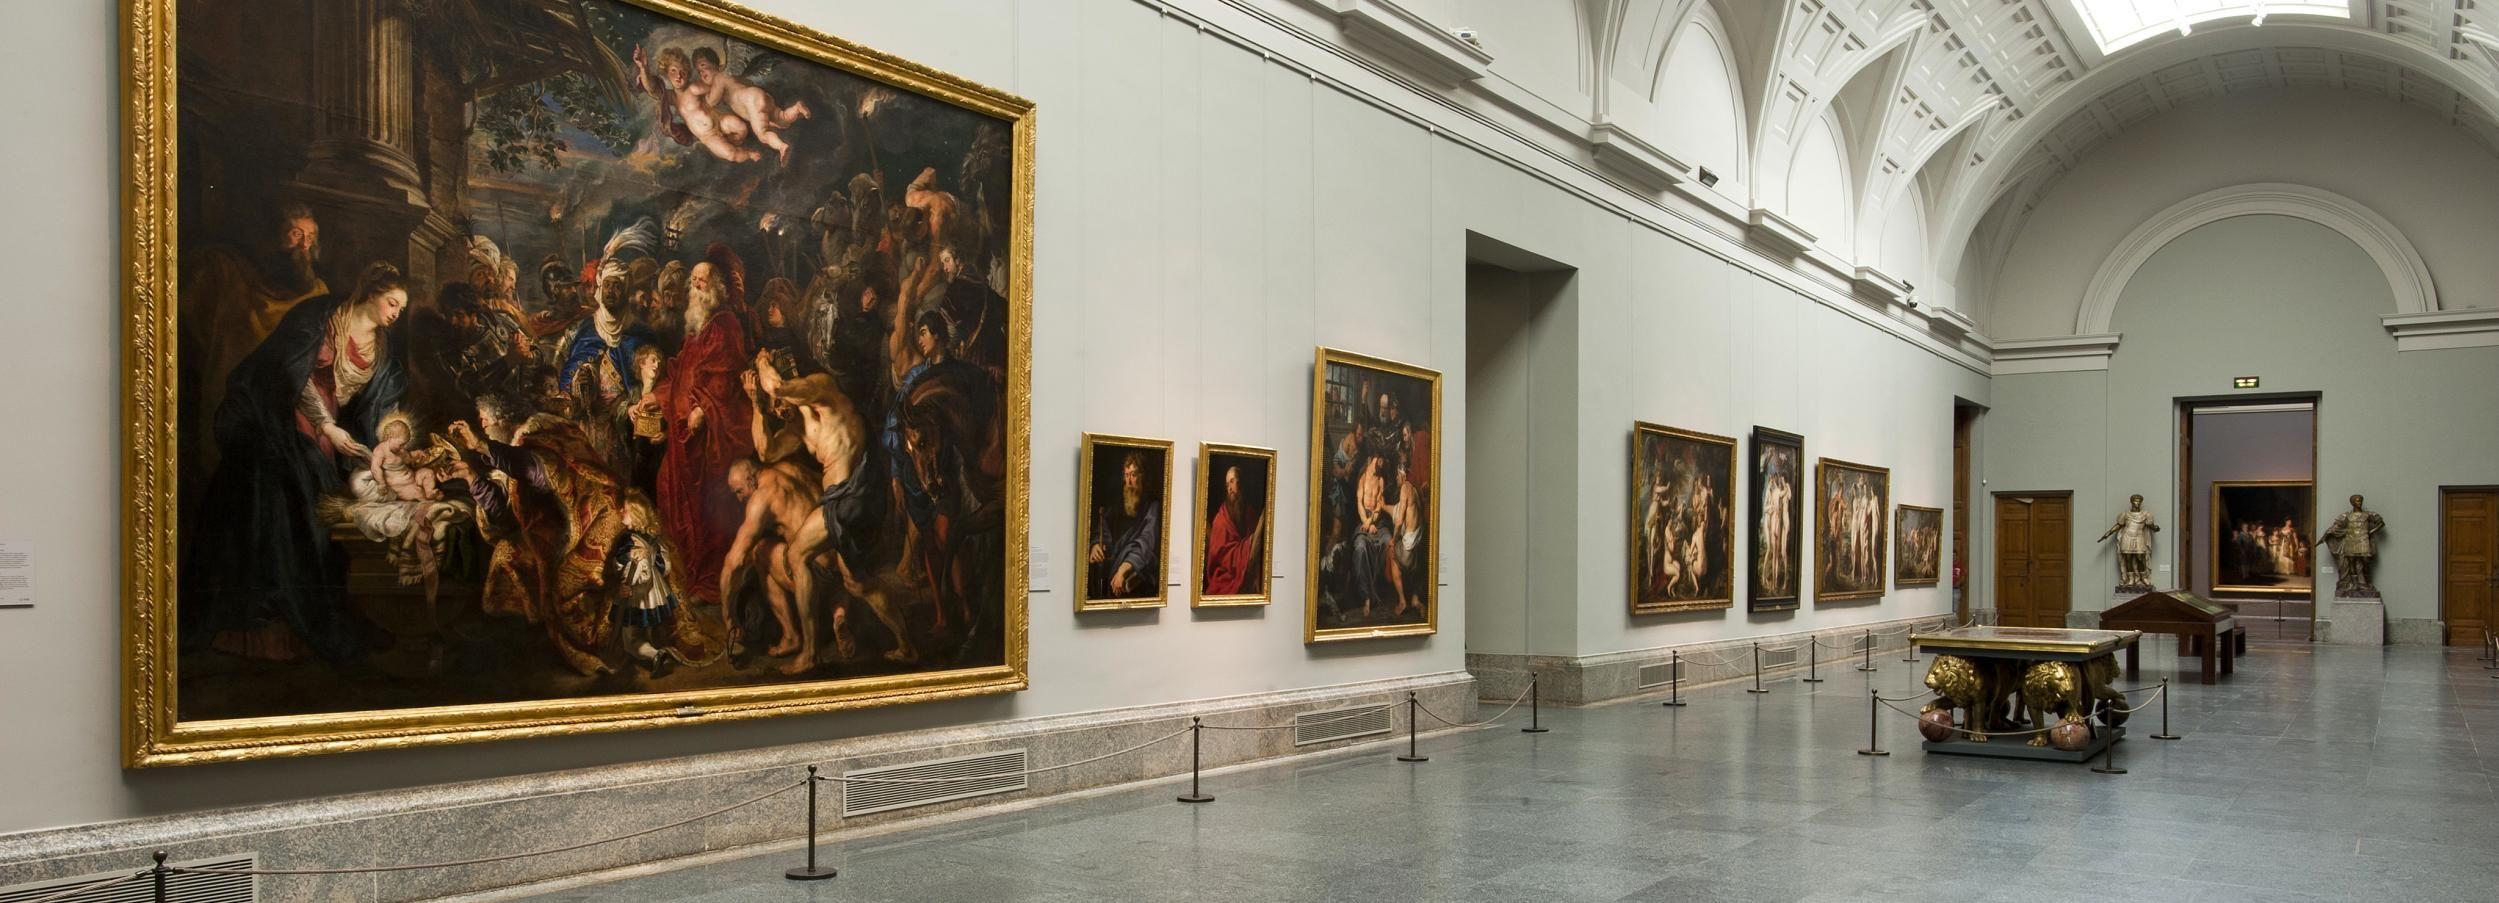 Private Guide & Transport zum Prado Museum